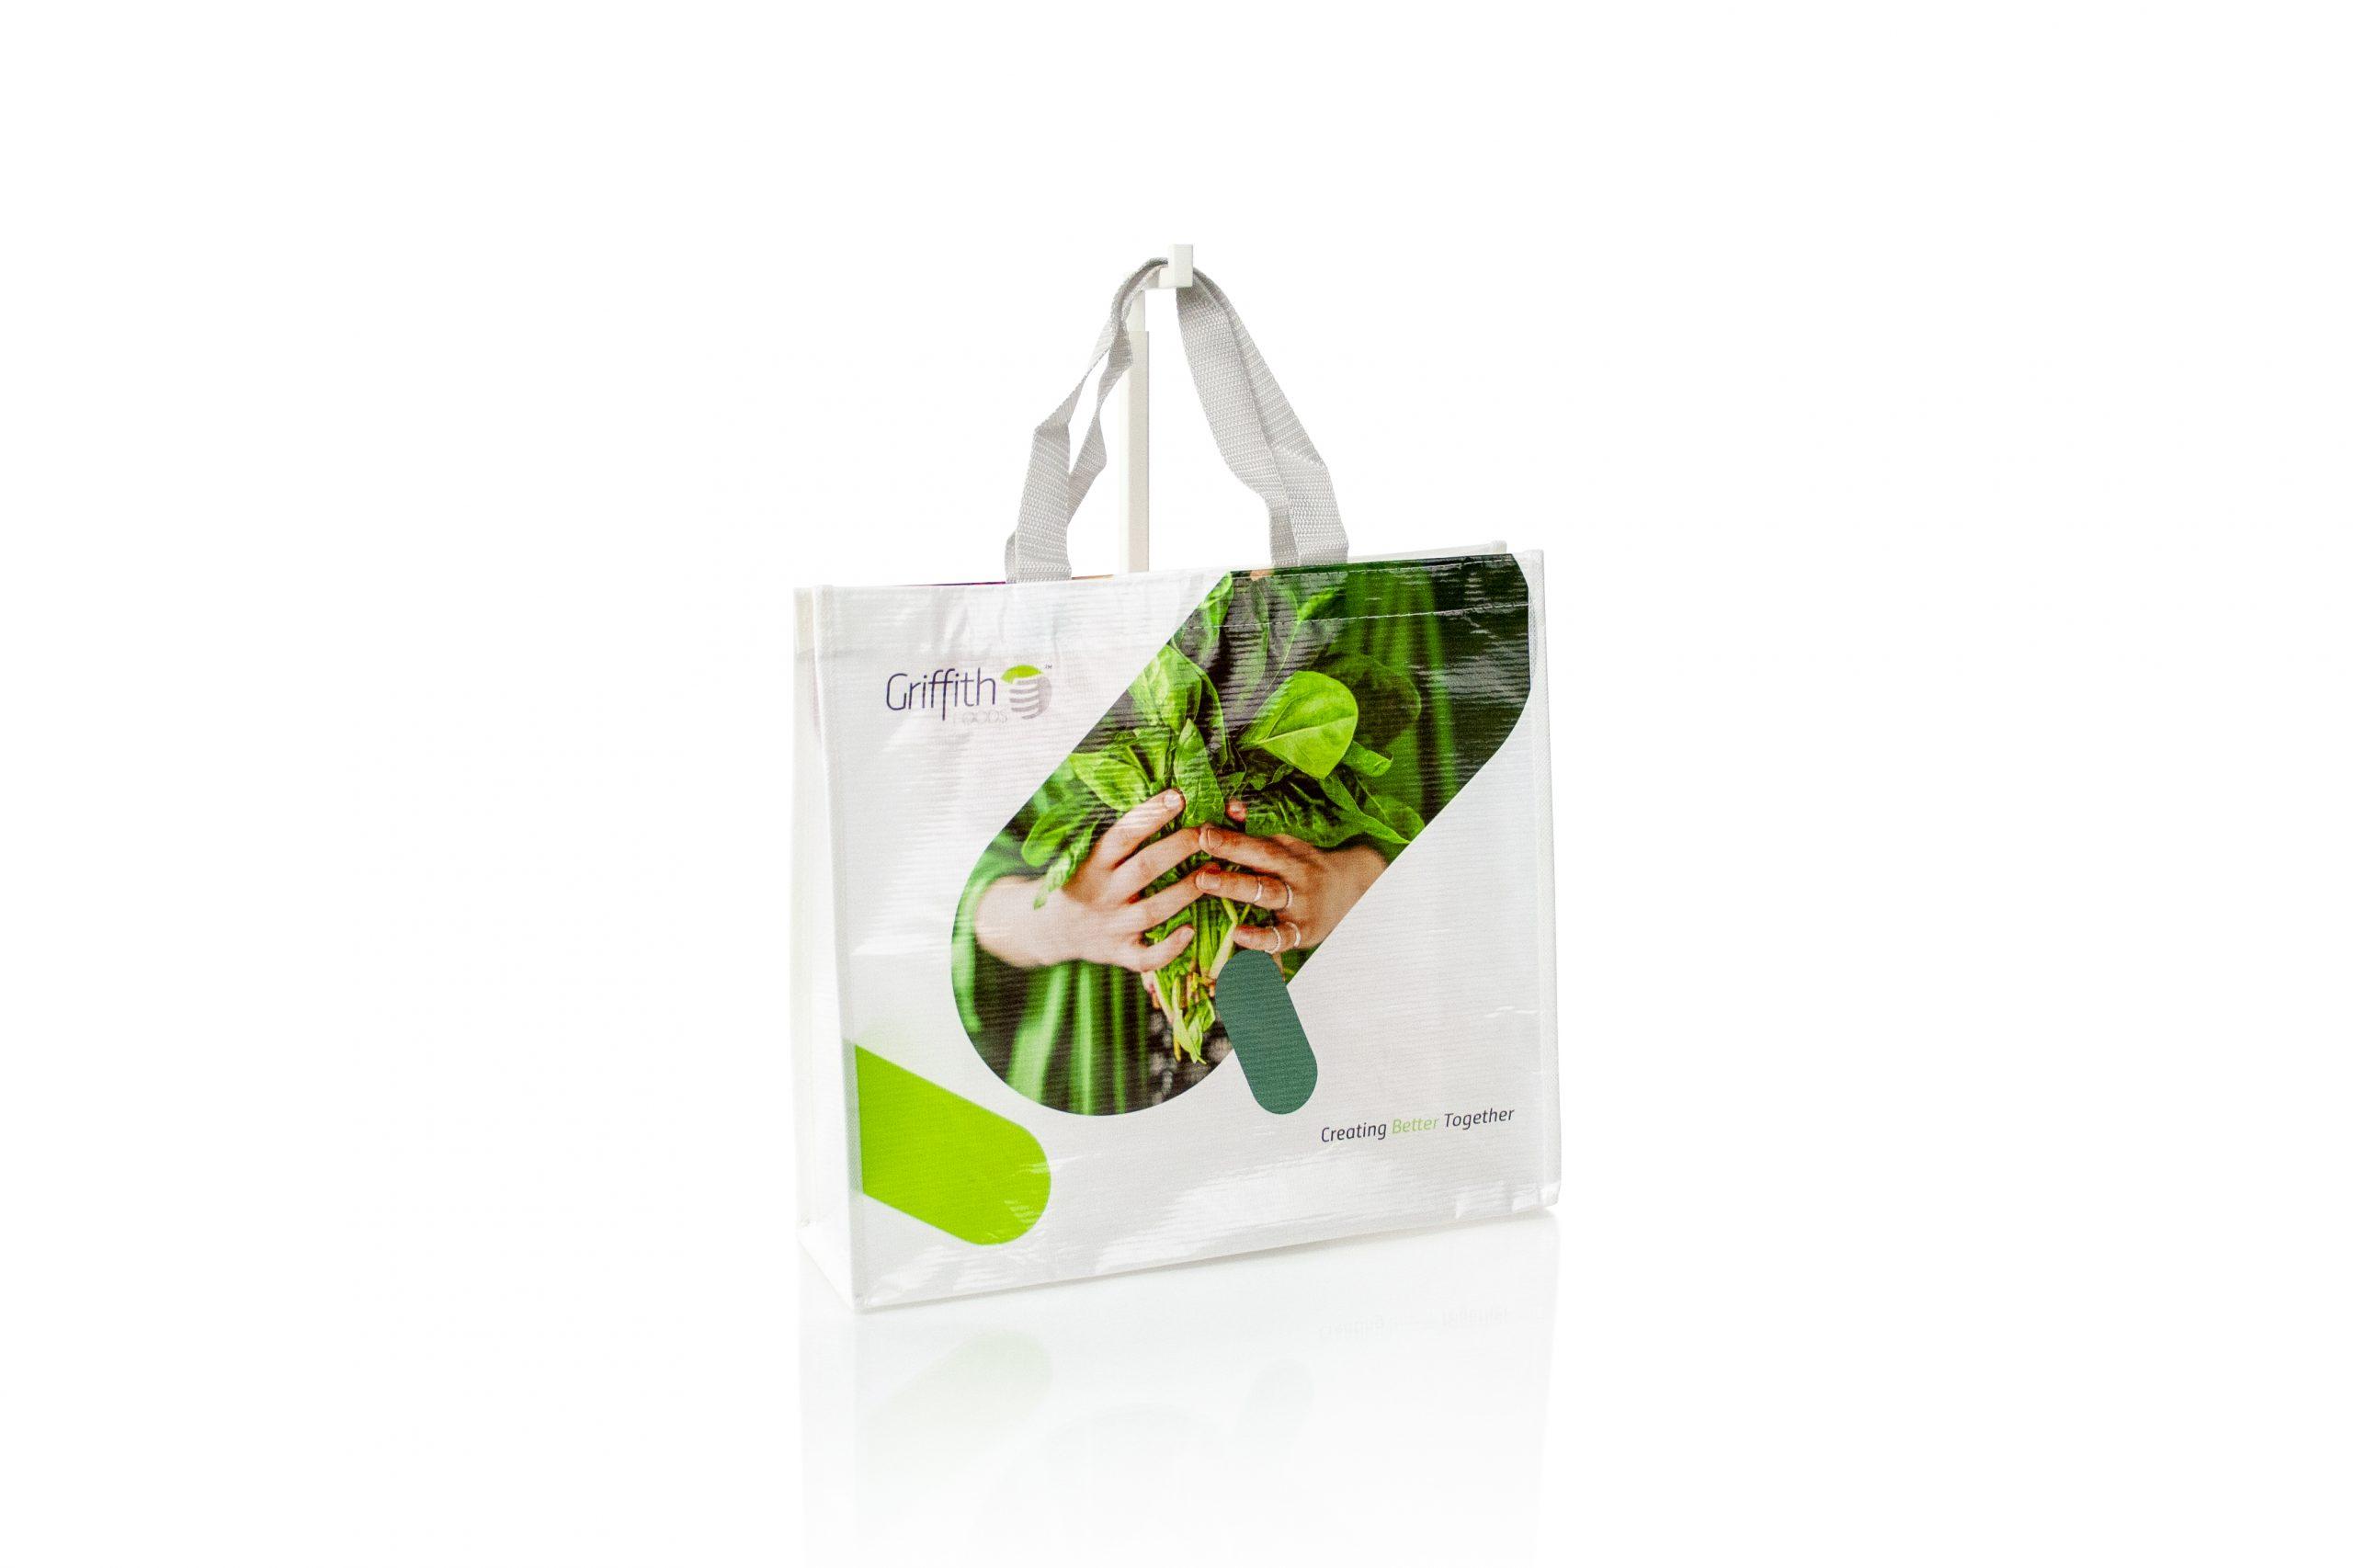 Herbruikbare tote bag in ecologisch woven materiaal